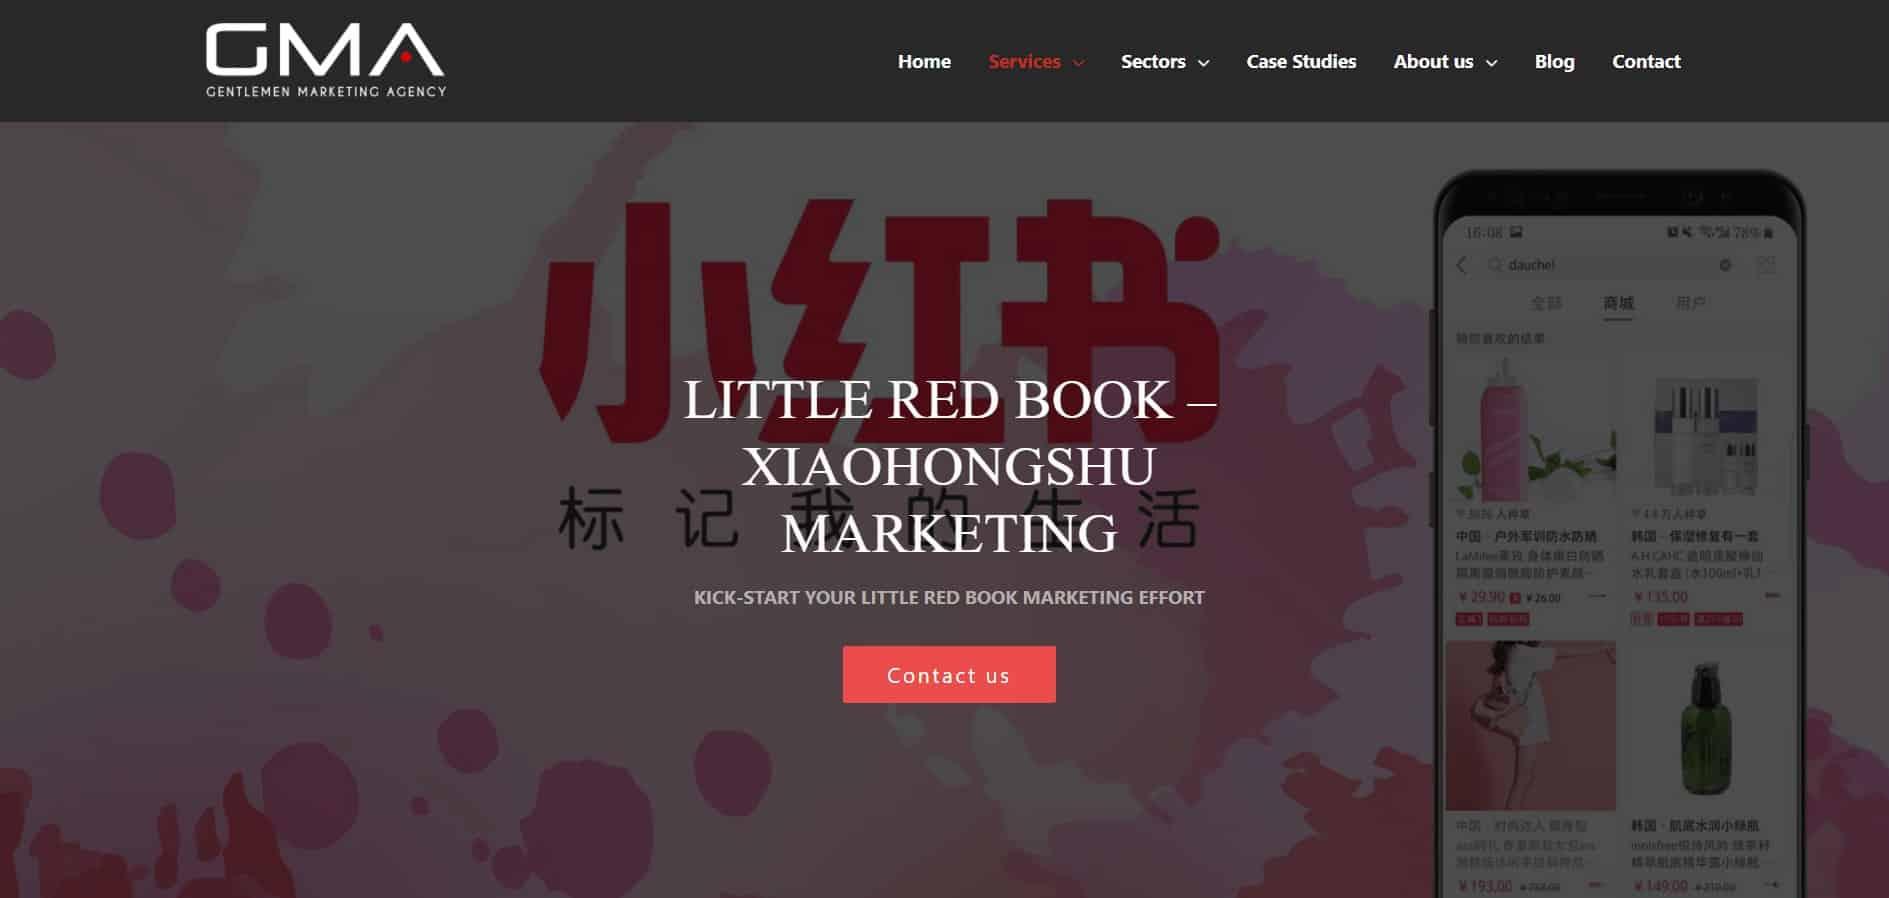 China Social Media - GMA Xiaohongshu Agency